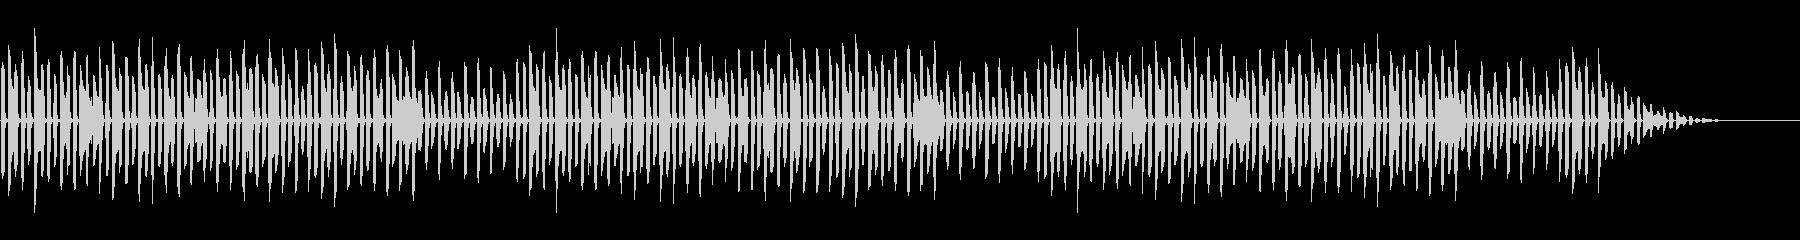 年末年始の定番「第九」脱力系アレンジの未再生の波形